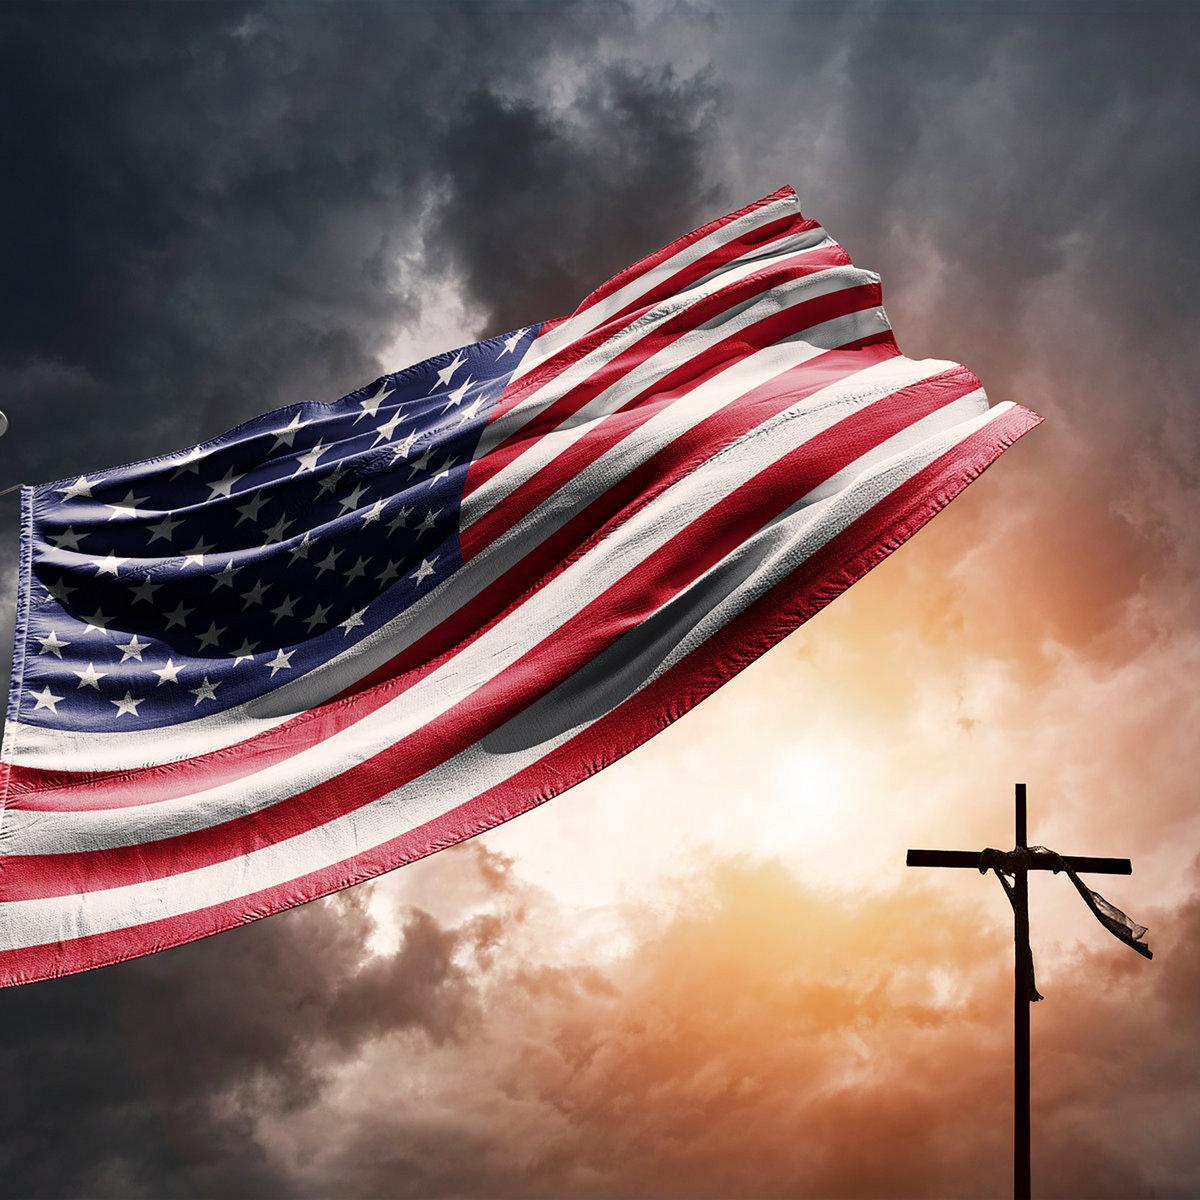 Donnie (American Heaven) by Jordan Kirk